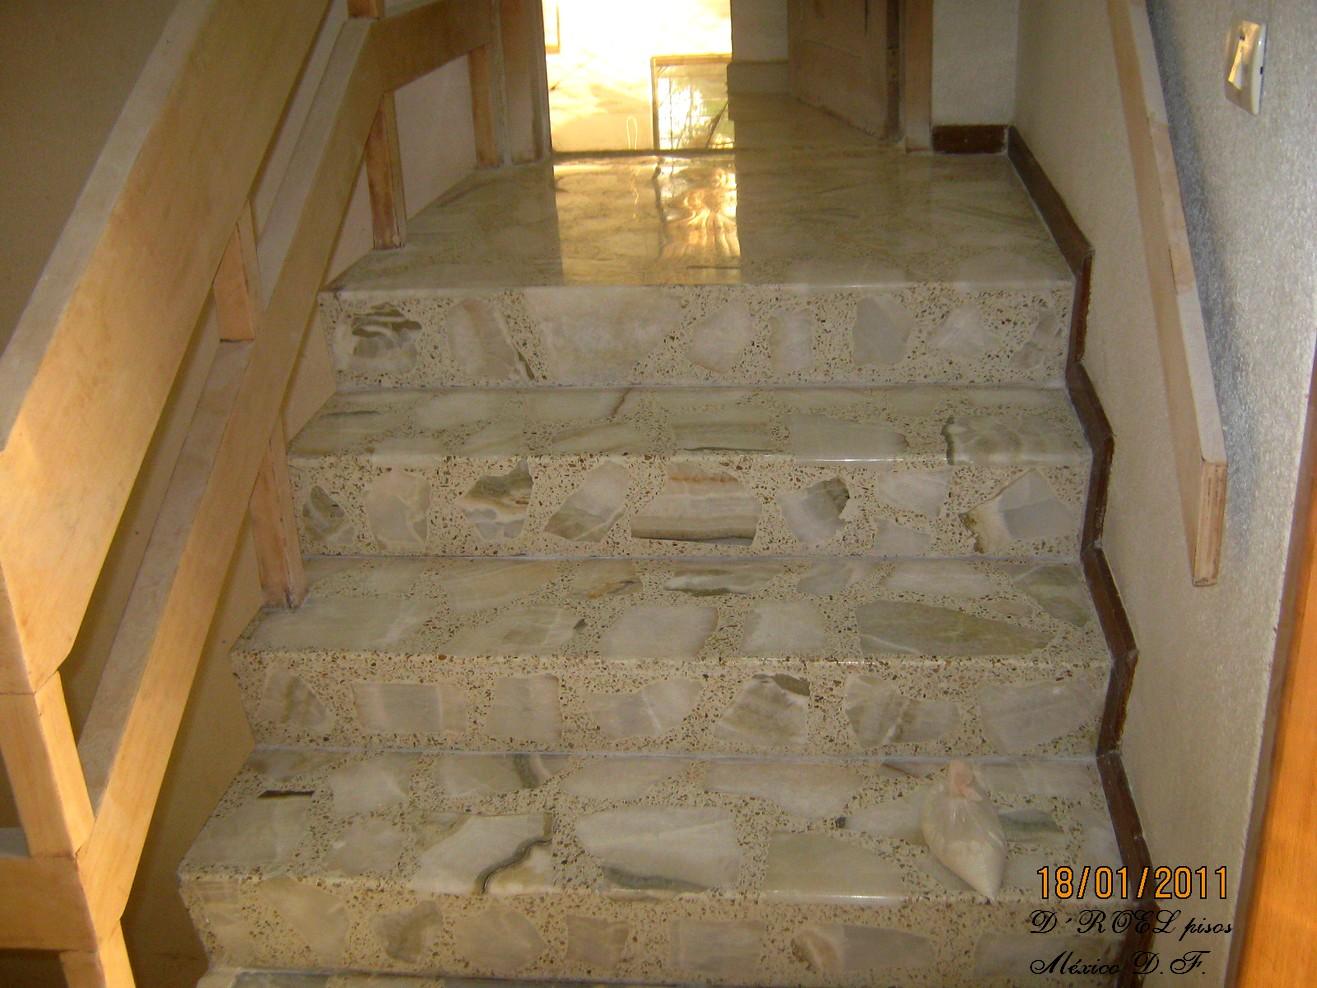 Droelpisosmexico escaleras for Modelos de granitos para pisos